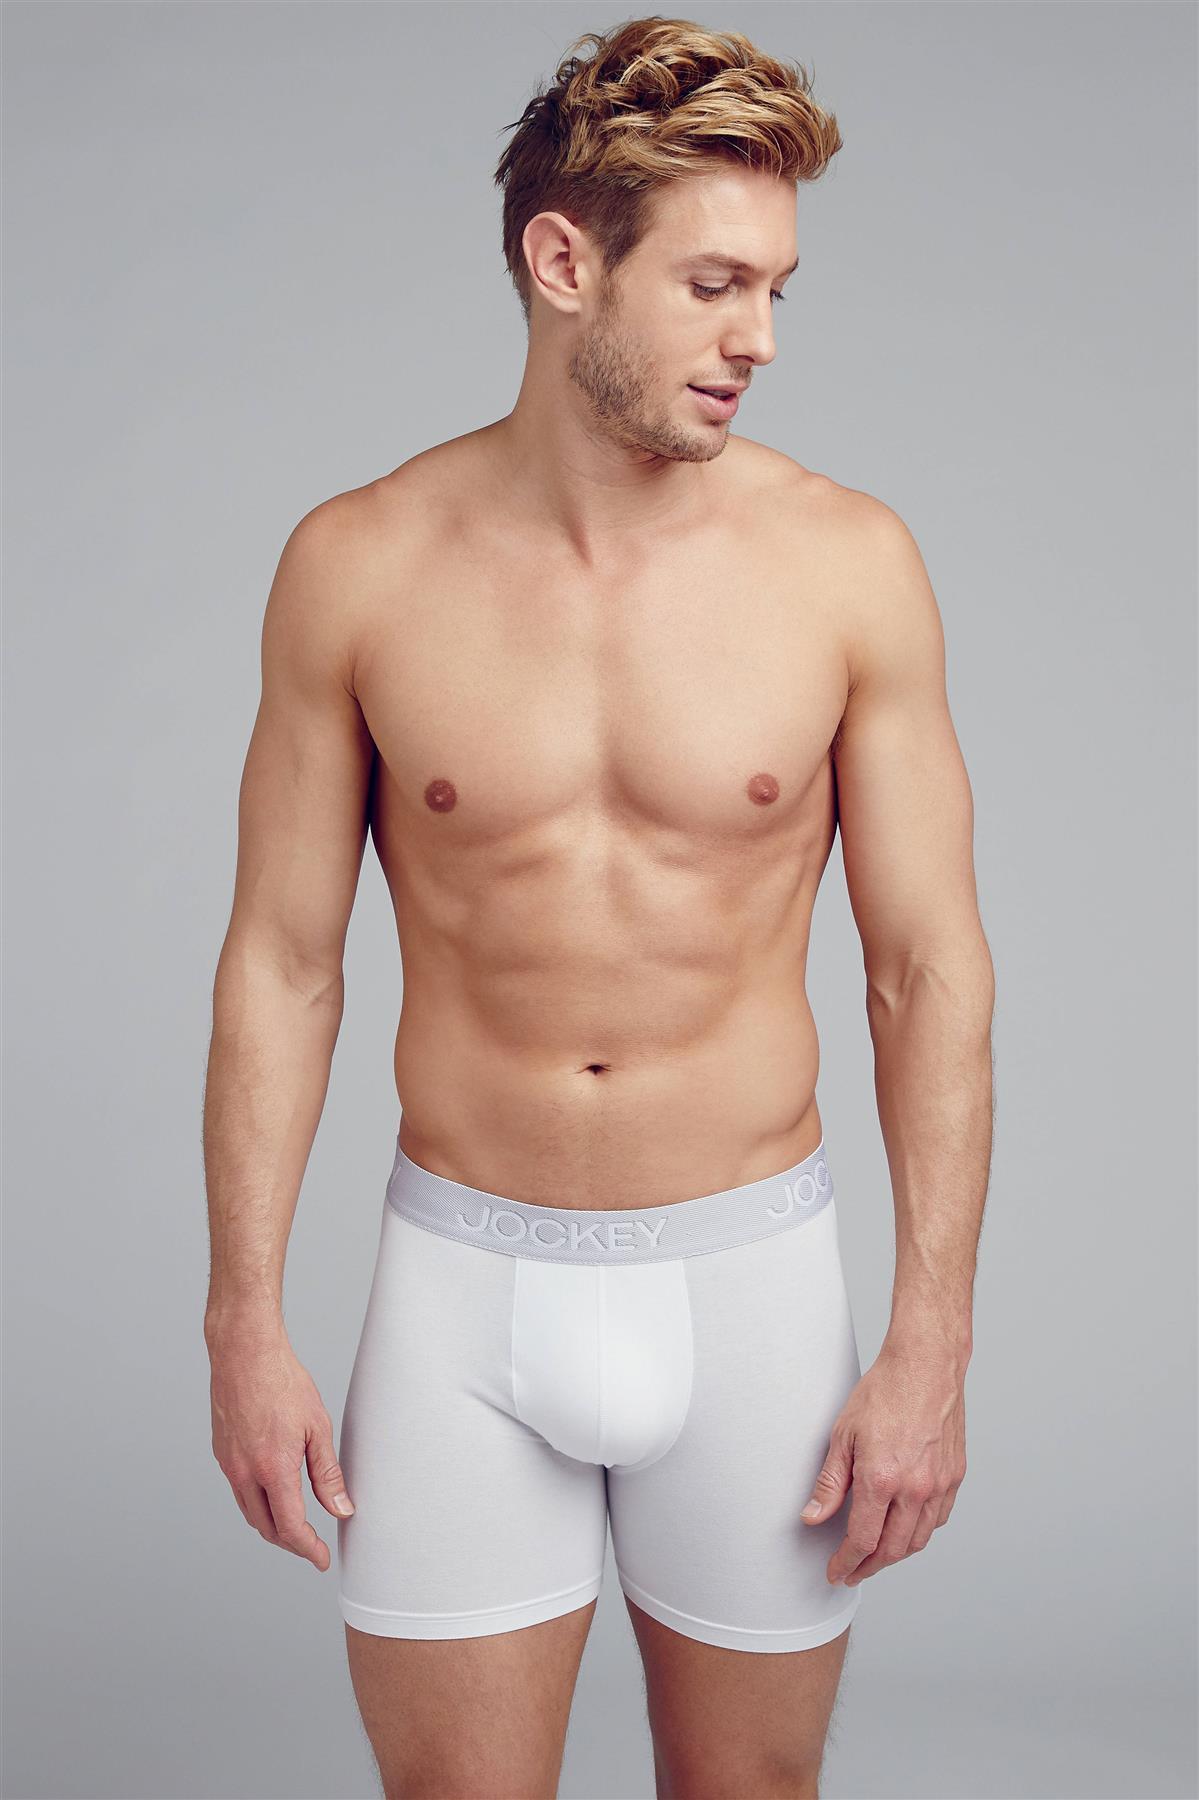 Jockey 3D Innovations Boxer Trunks 2215-Jockey Homme Sous-vêtements